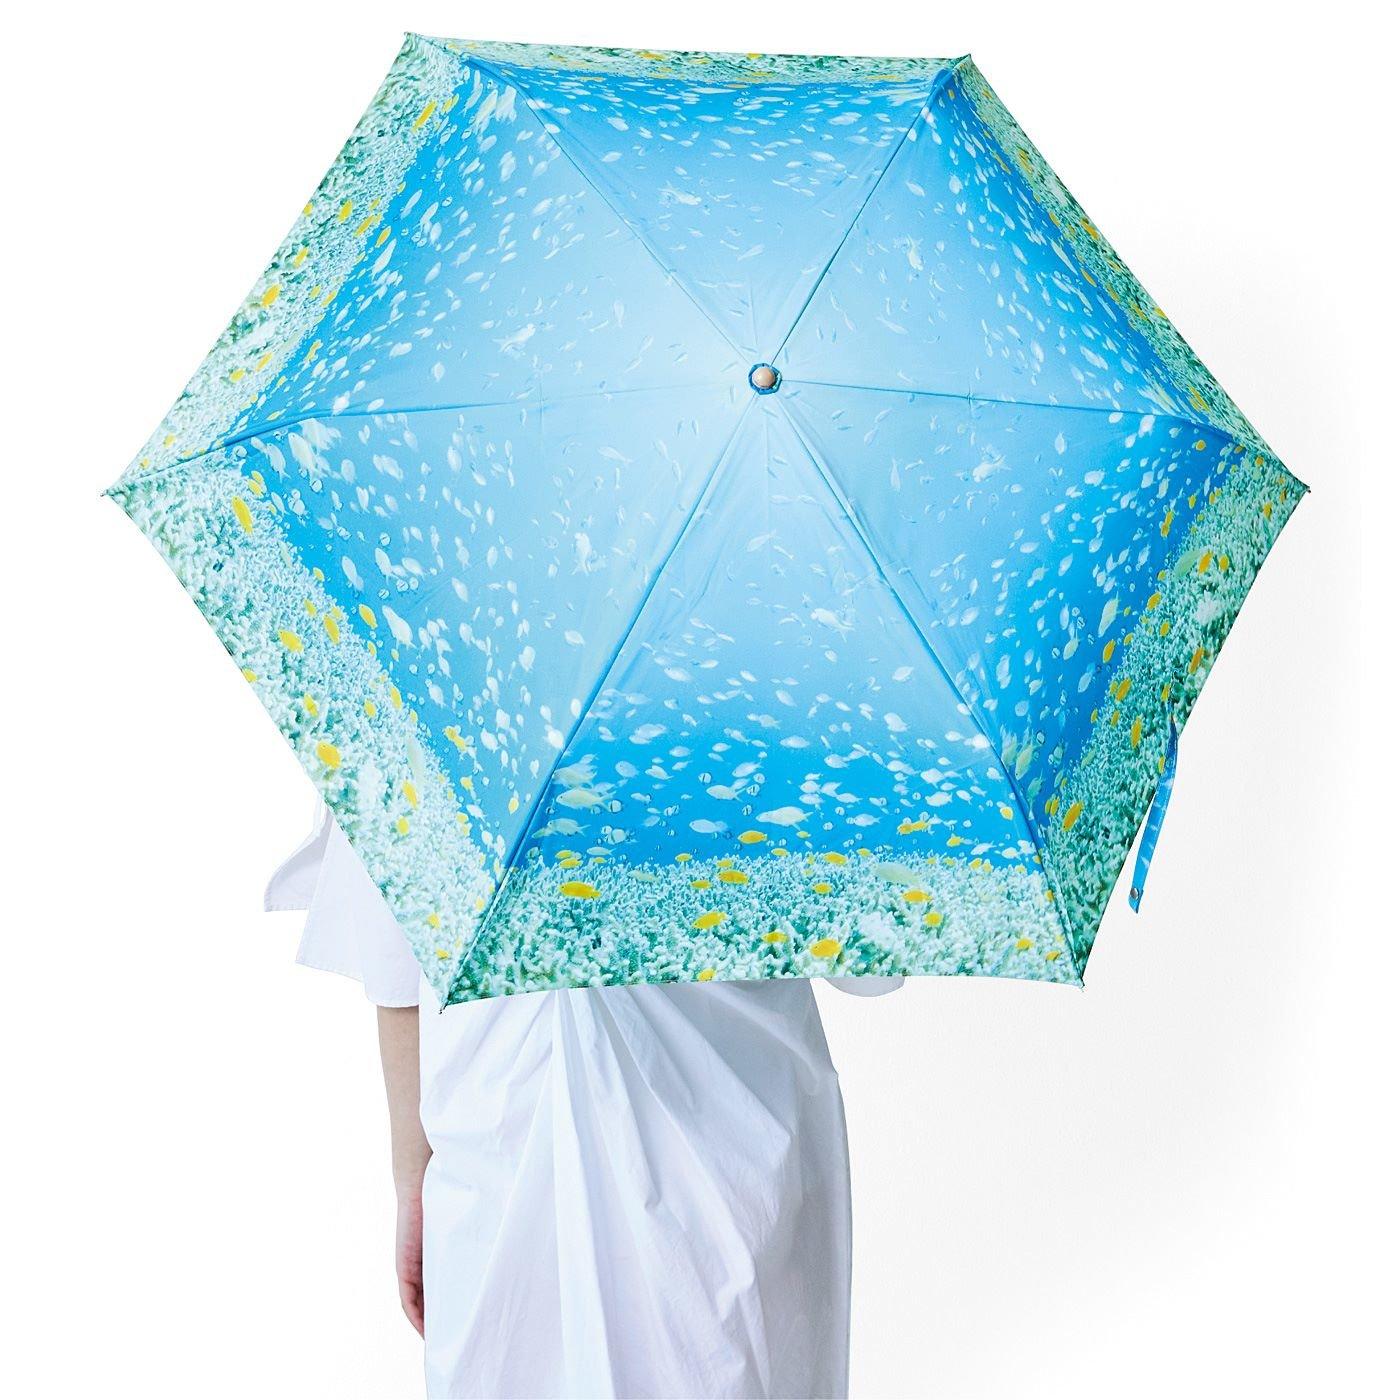 海とかもめ部 海とお出かけ 晴雨兼用傘〈おさかな〉